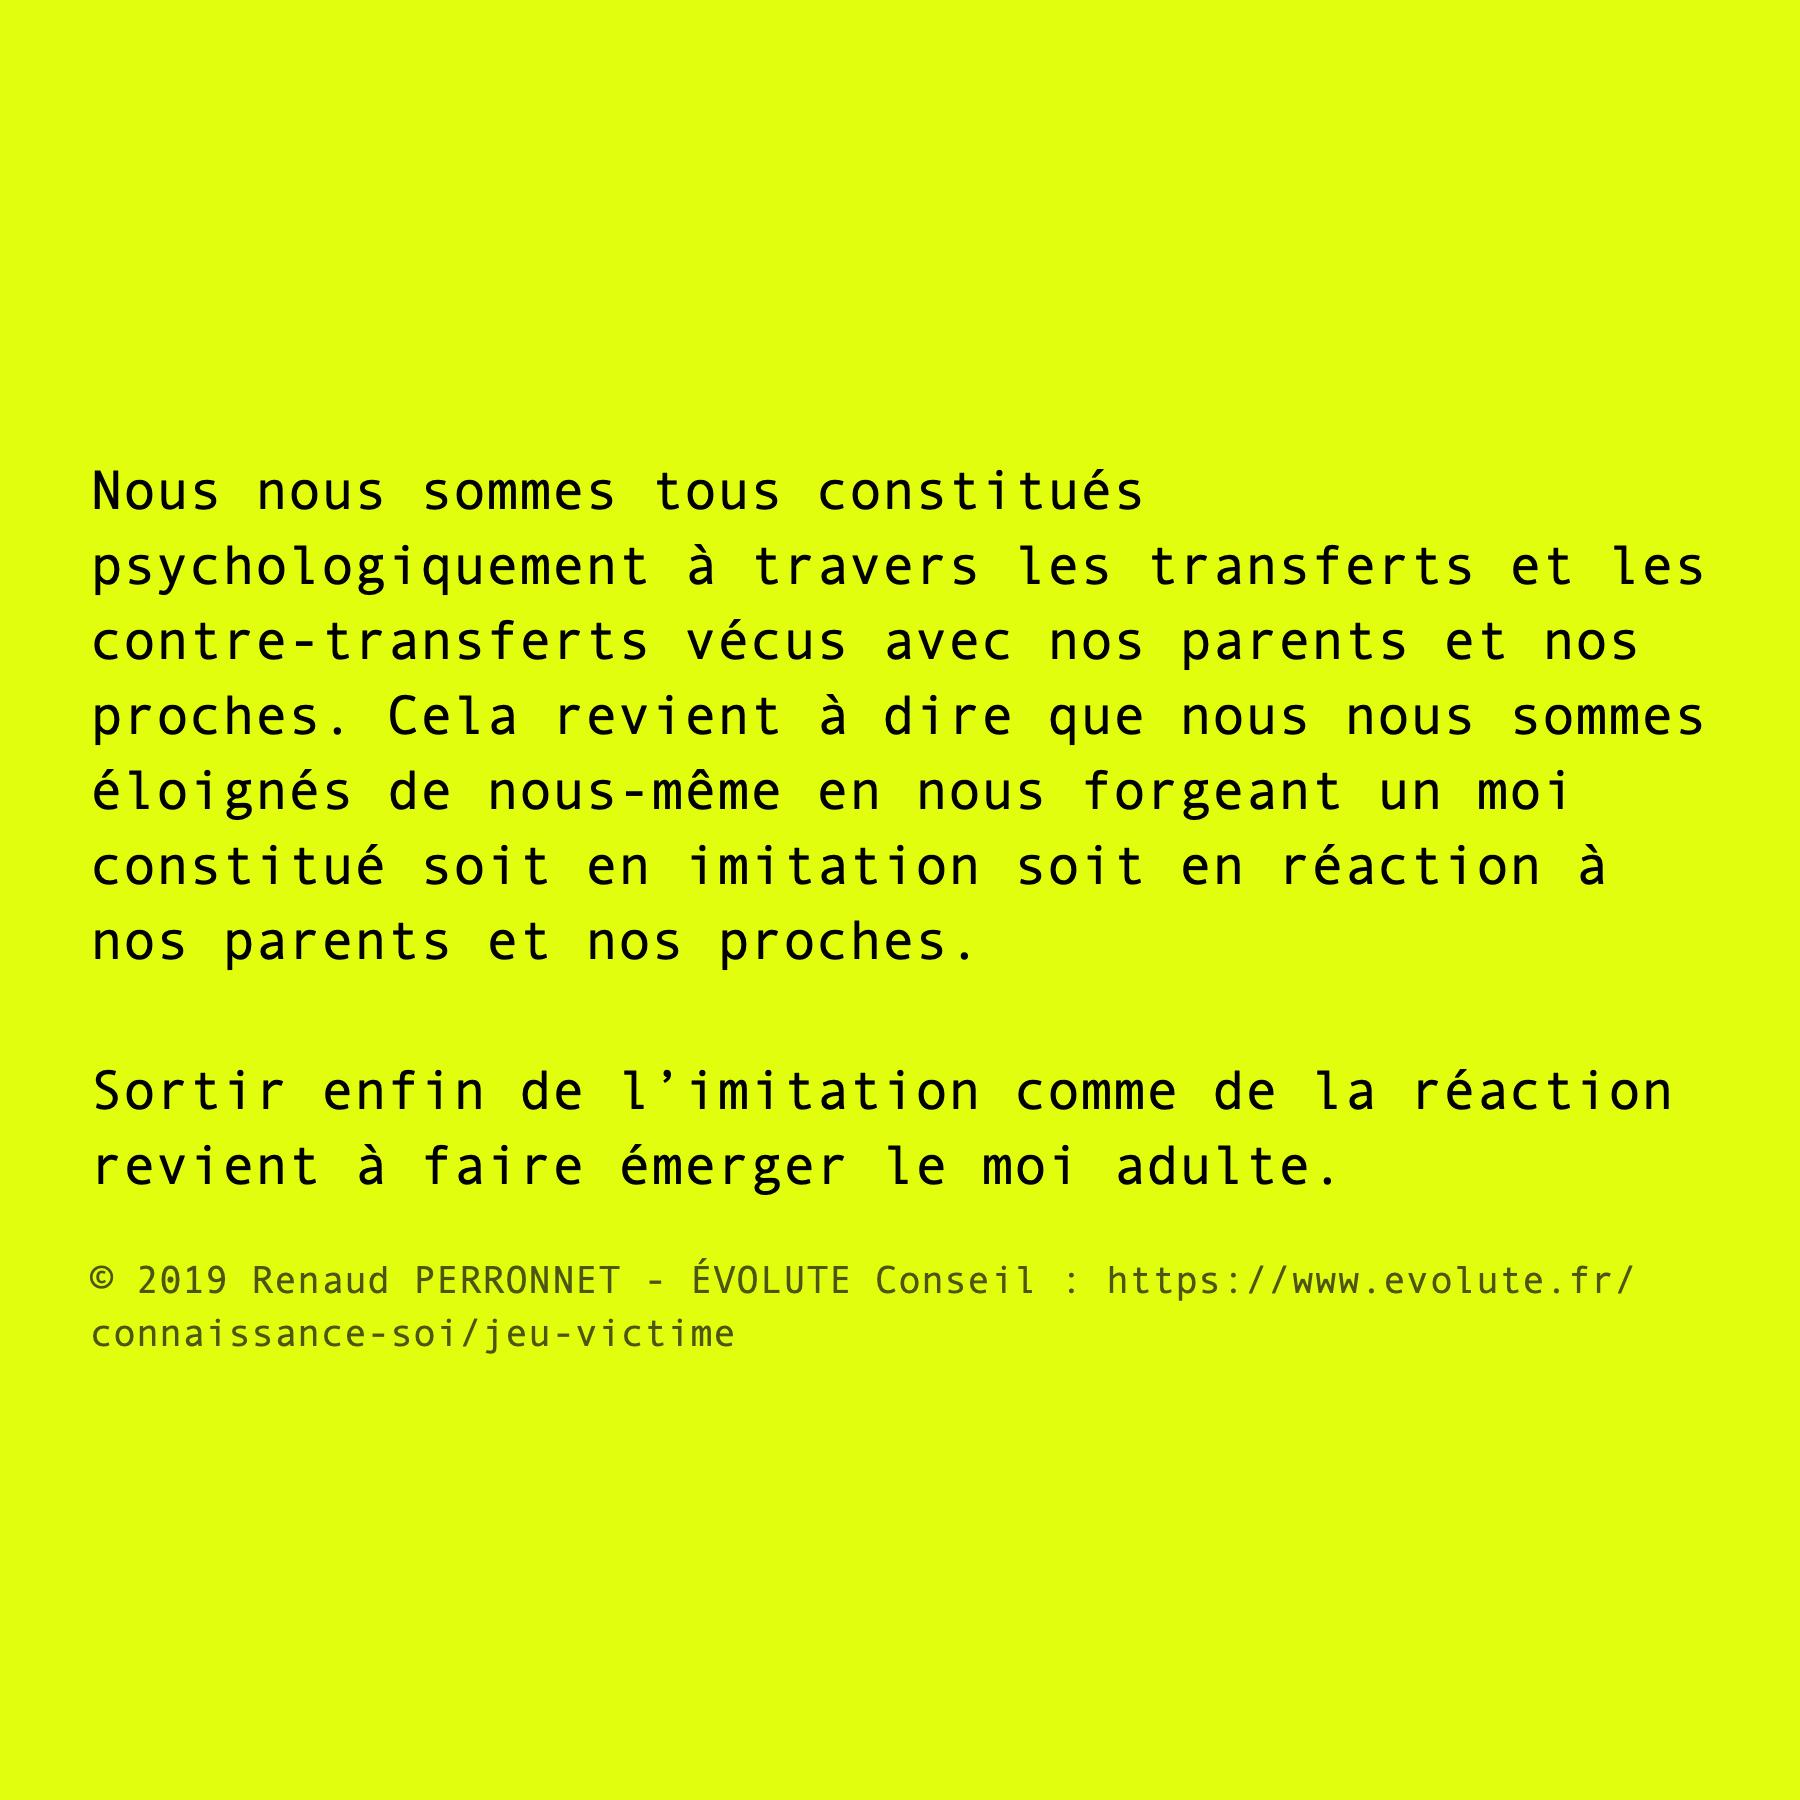 Imitation et réaction